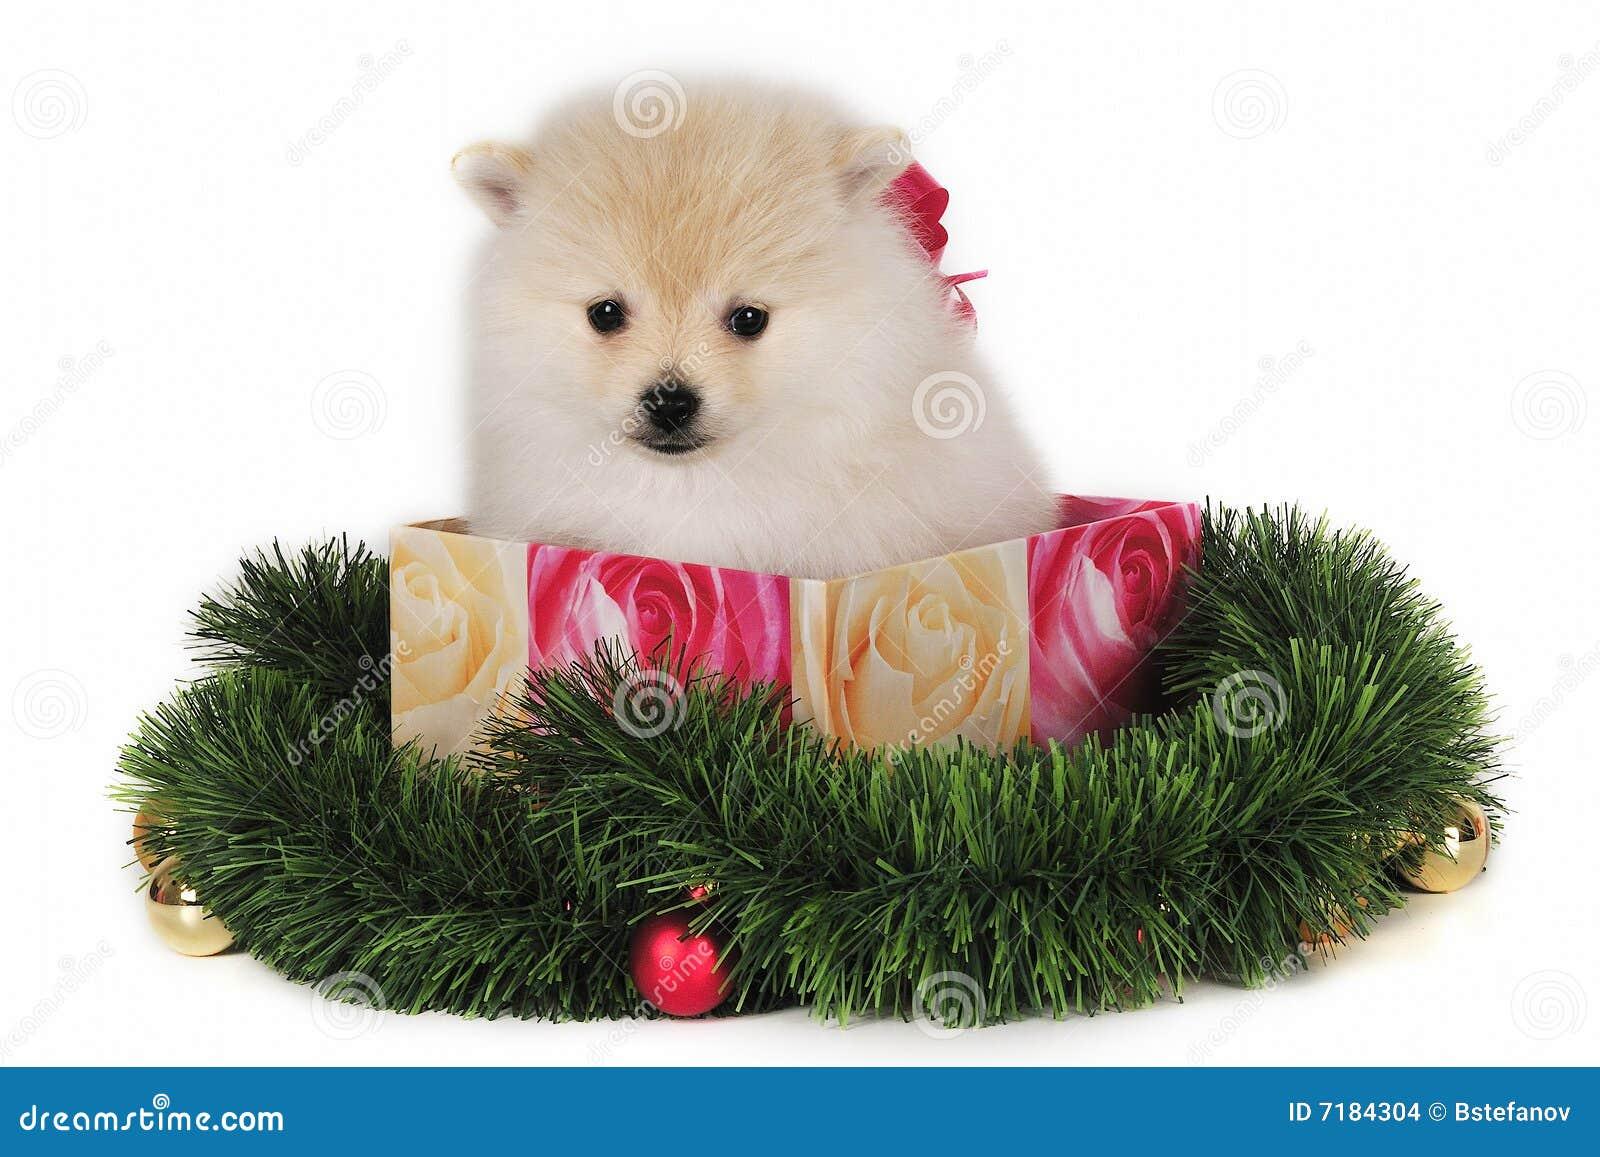 κουτάβι χριστουγεννιάτικου δώρου